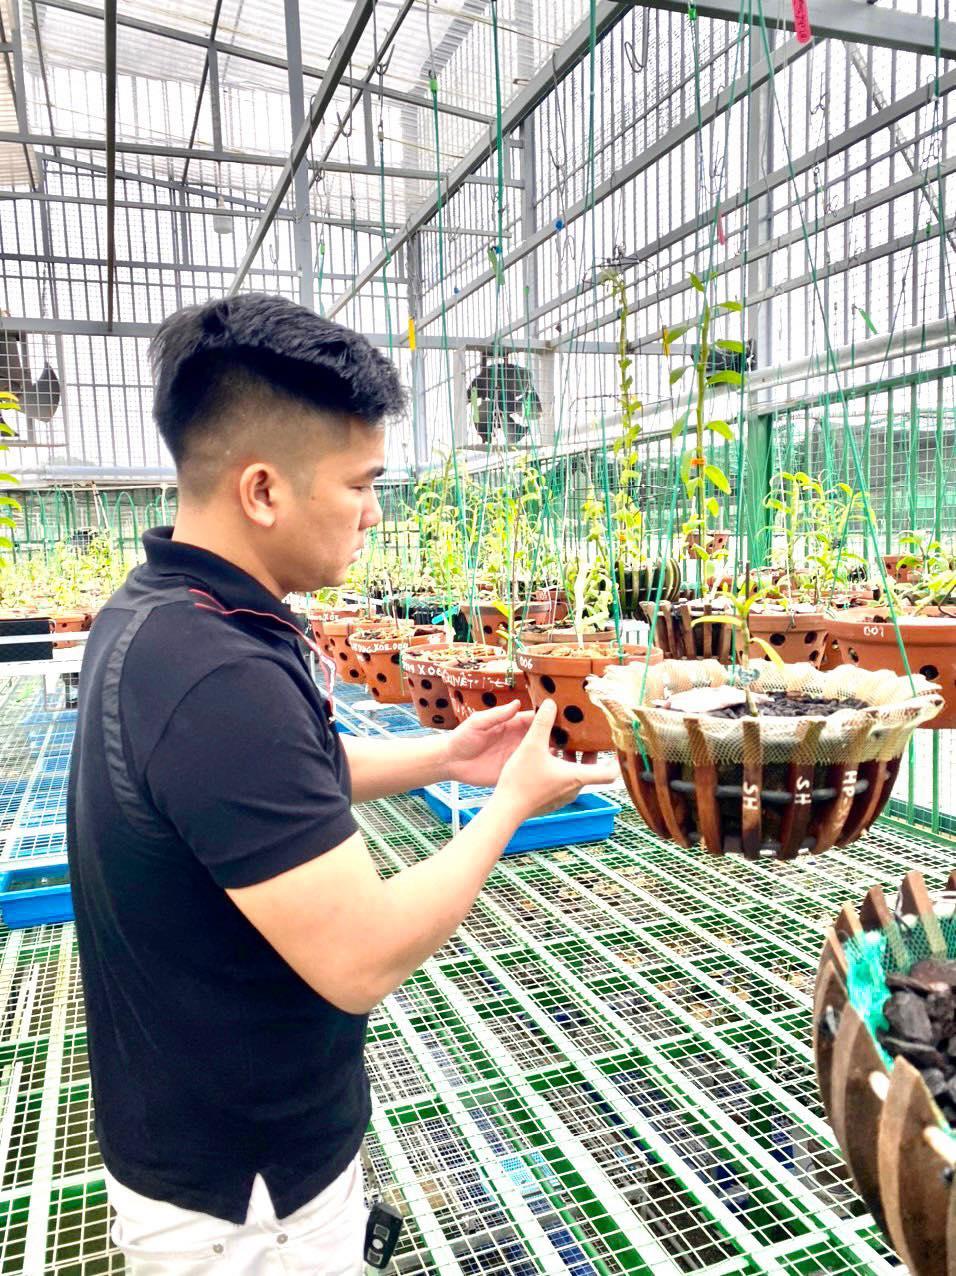 Chàng trai Đức Đại Phát và hành trình chinh phục hoa phong lan - Ảnh 1